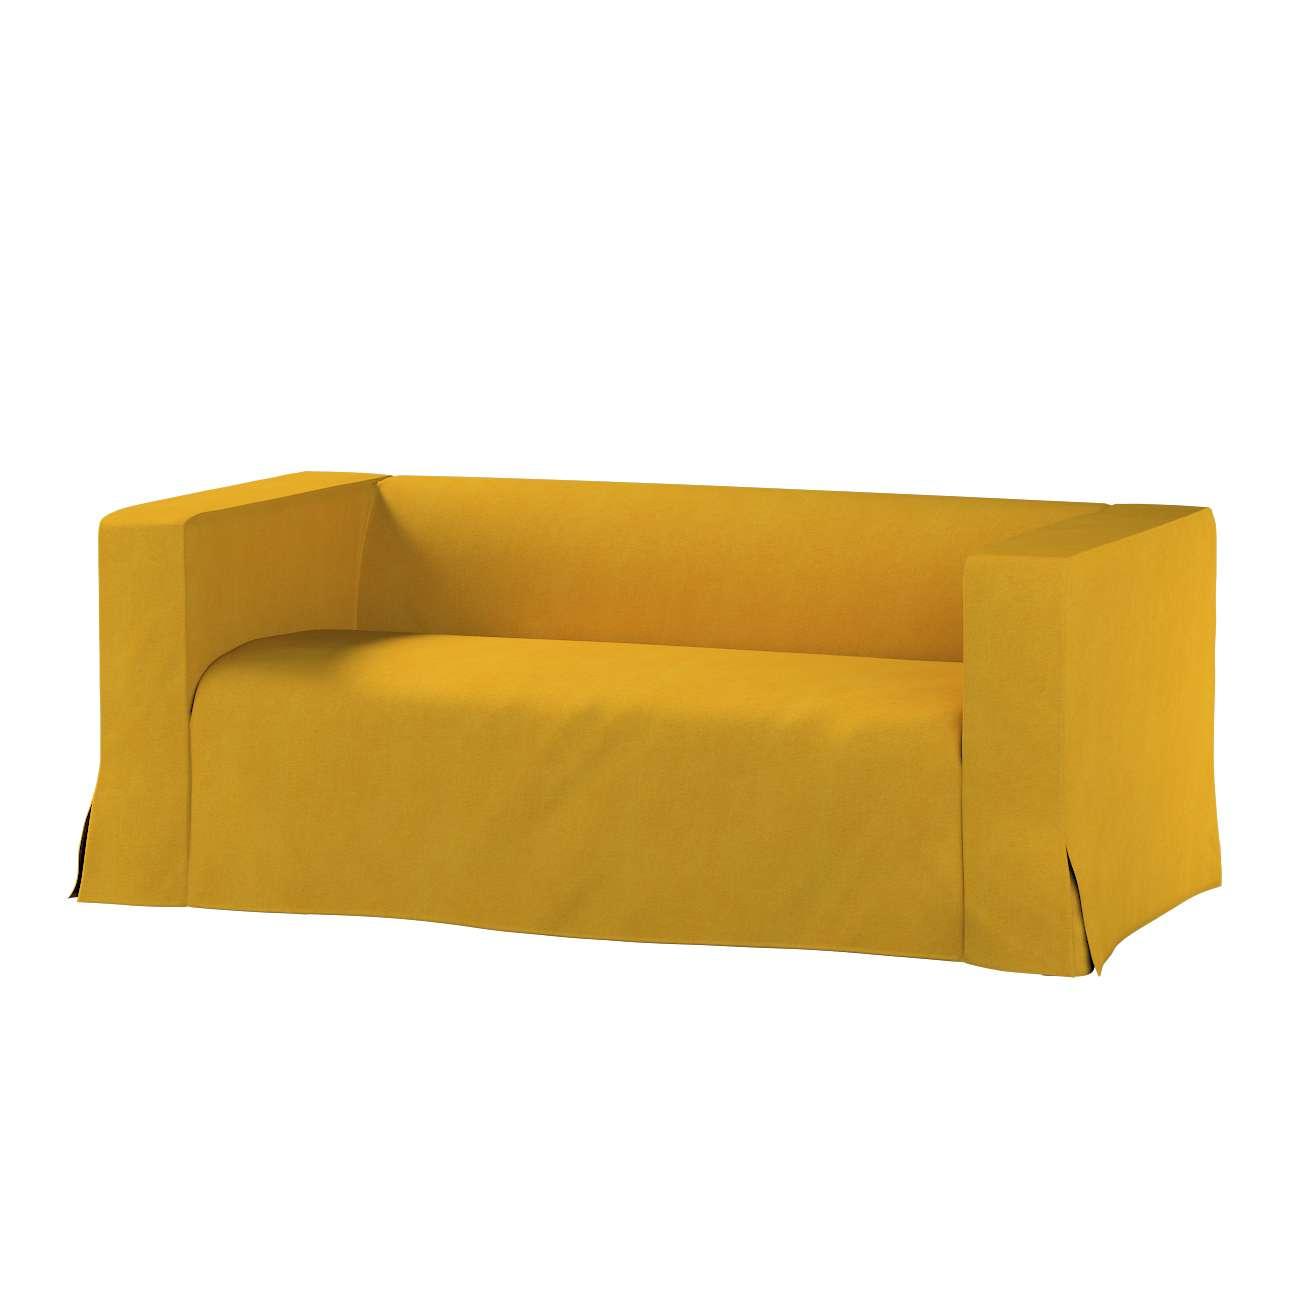 Klippan dvivietės sofos užvalkalas (ilgas, iki žemės) Klippan dvivietės sofos užvalkalas (ilgas, iki žemės) kolekcijoje Etna , audinys: 705-04